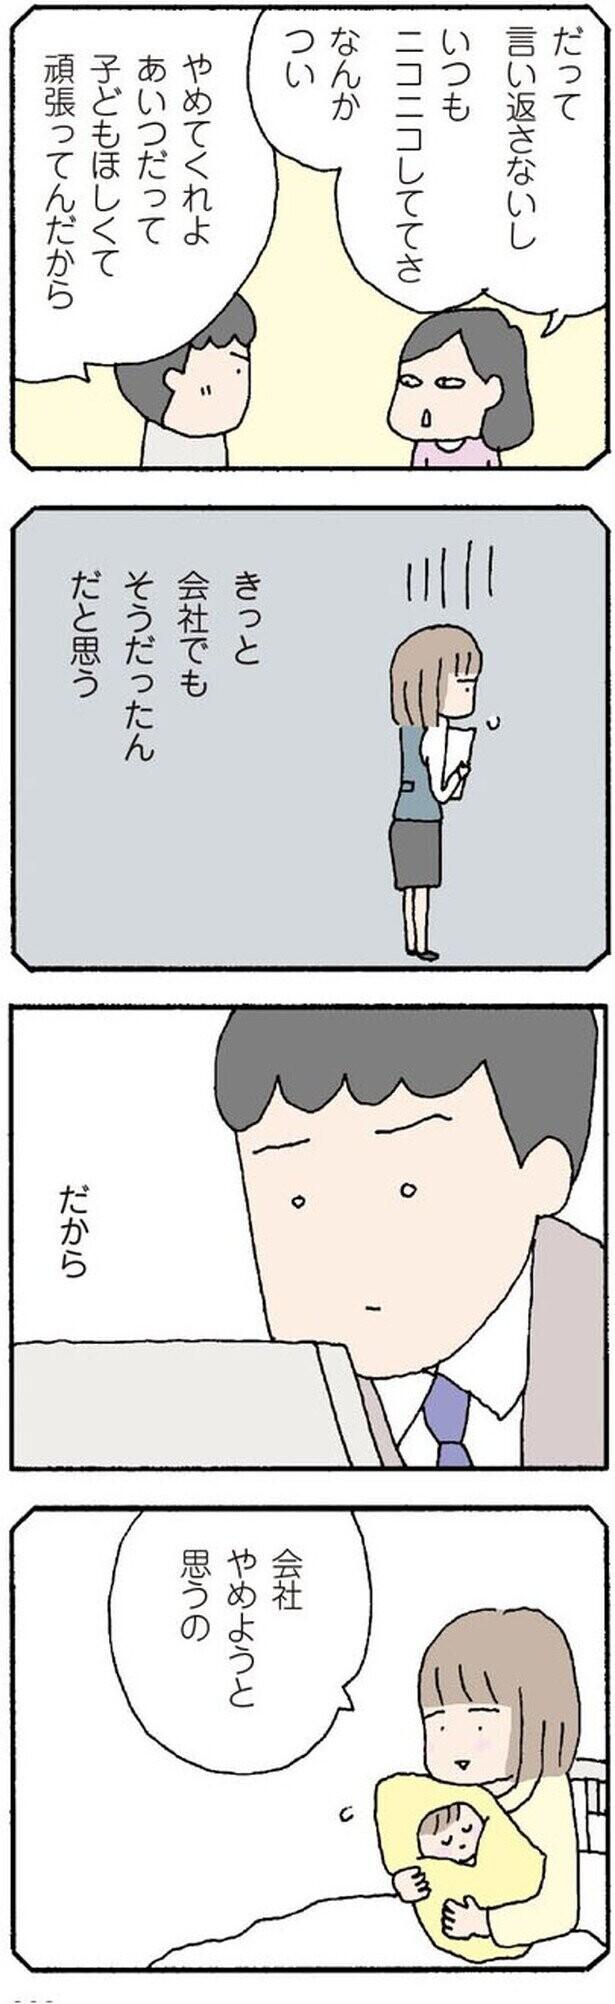 妻はニコニコしているだけの、つまらない女【離婚してもいいですか? 翔子の場合 Vol.10】